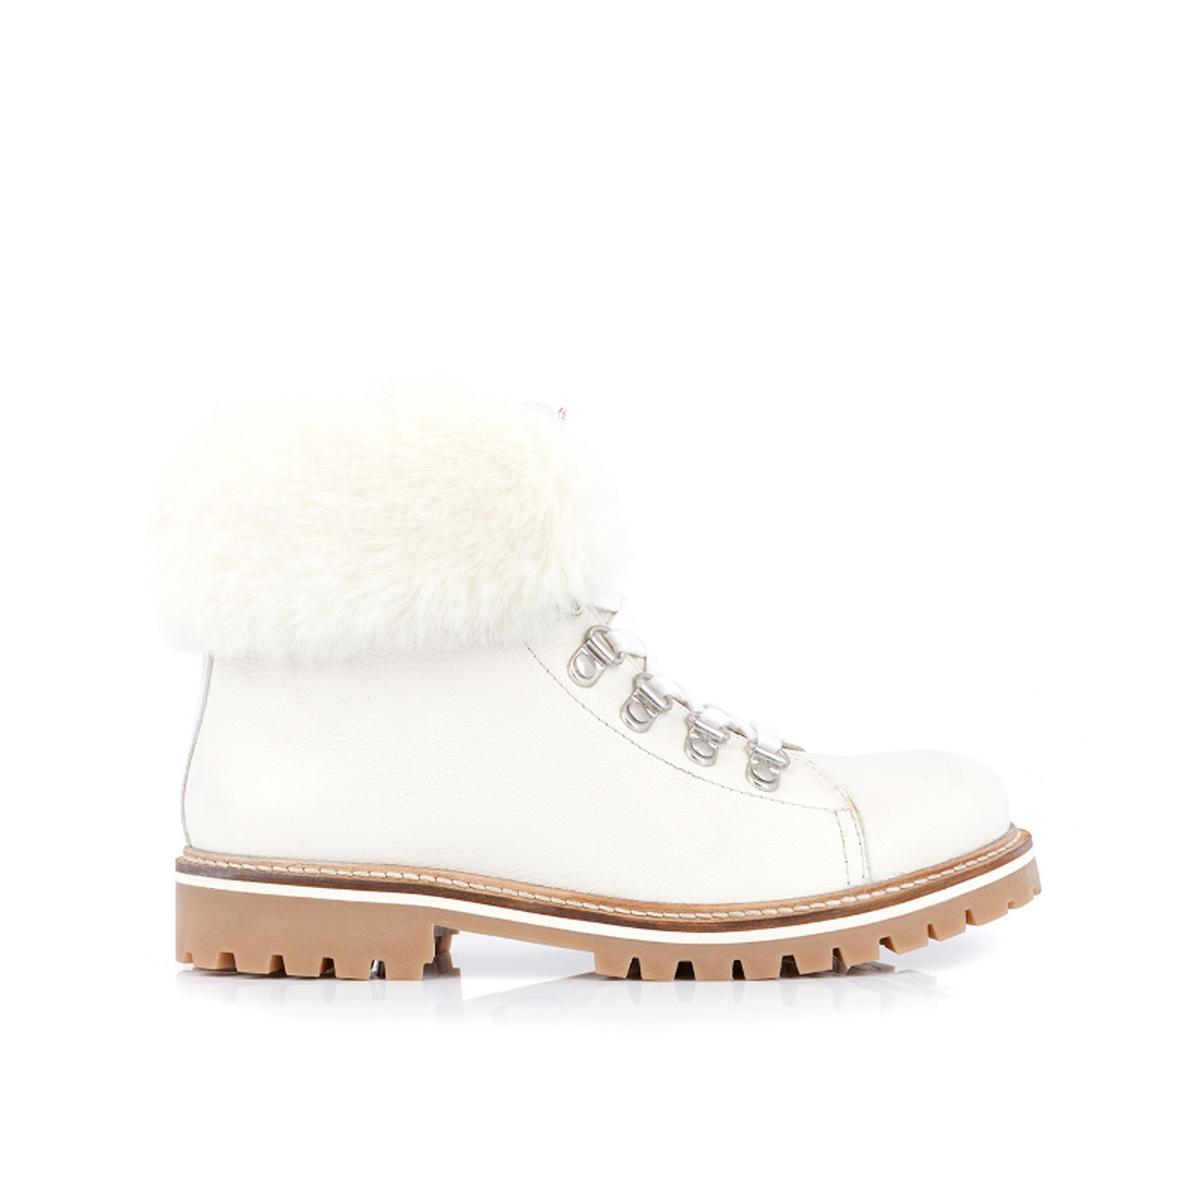 Ботинки La Redoute Кожаные горные на меху Lacen 36 белый ботильоны la redoute кожаные горные на меху laurence 36 белый